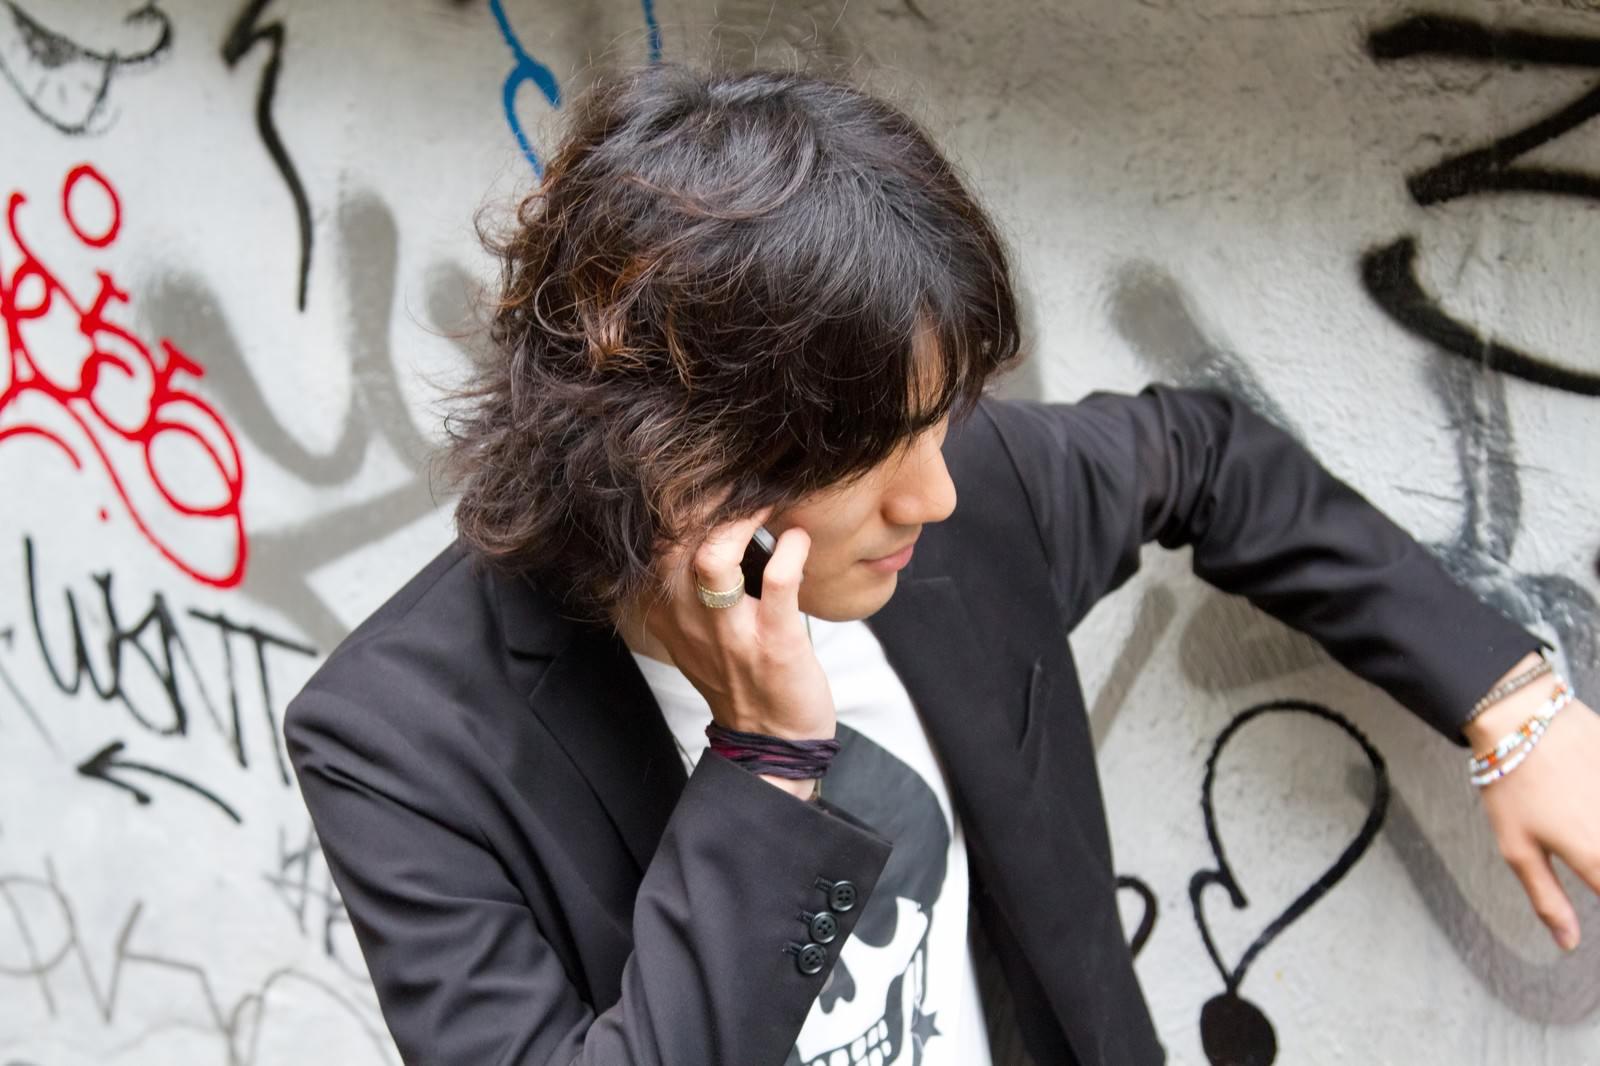 「壁に手をかけ電話する男性壁に手をかけ電話する男性」[モデル:村田裕章]のフリー写真素材を拡大